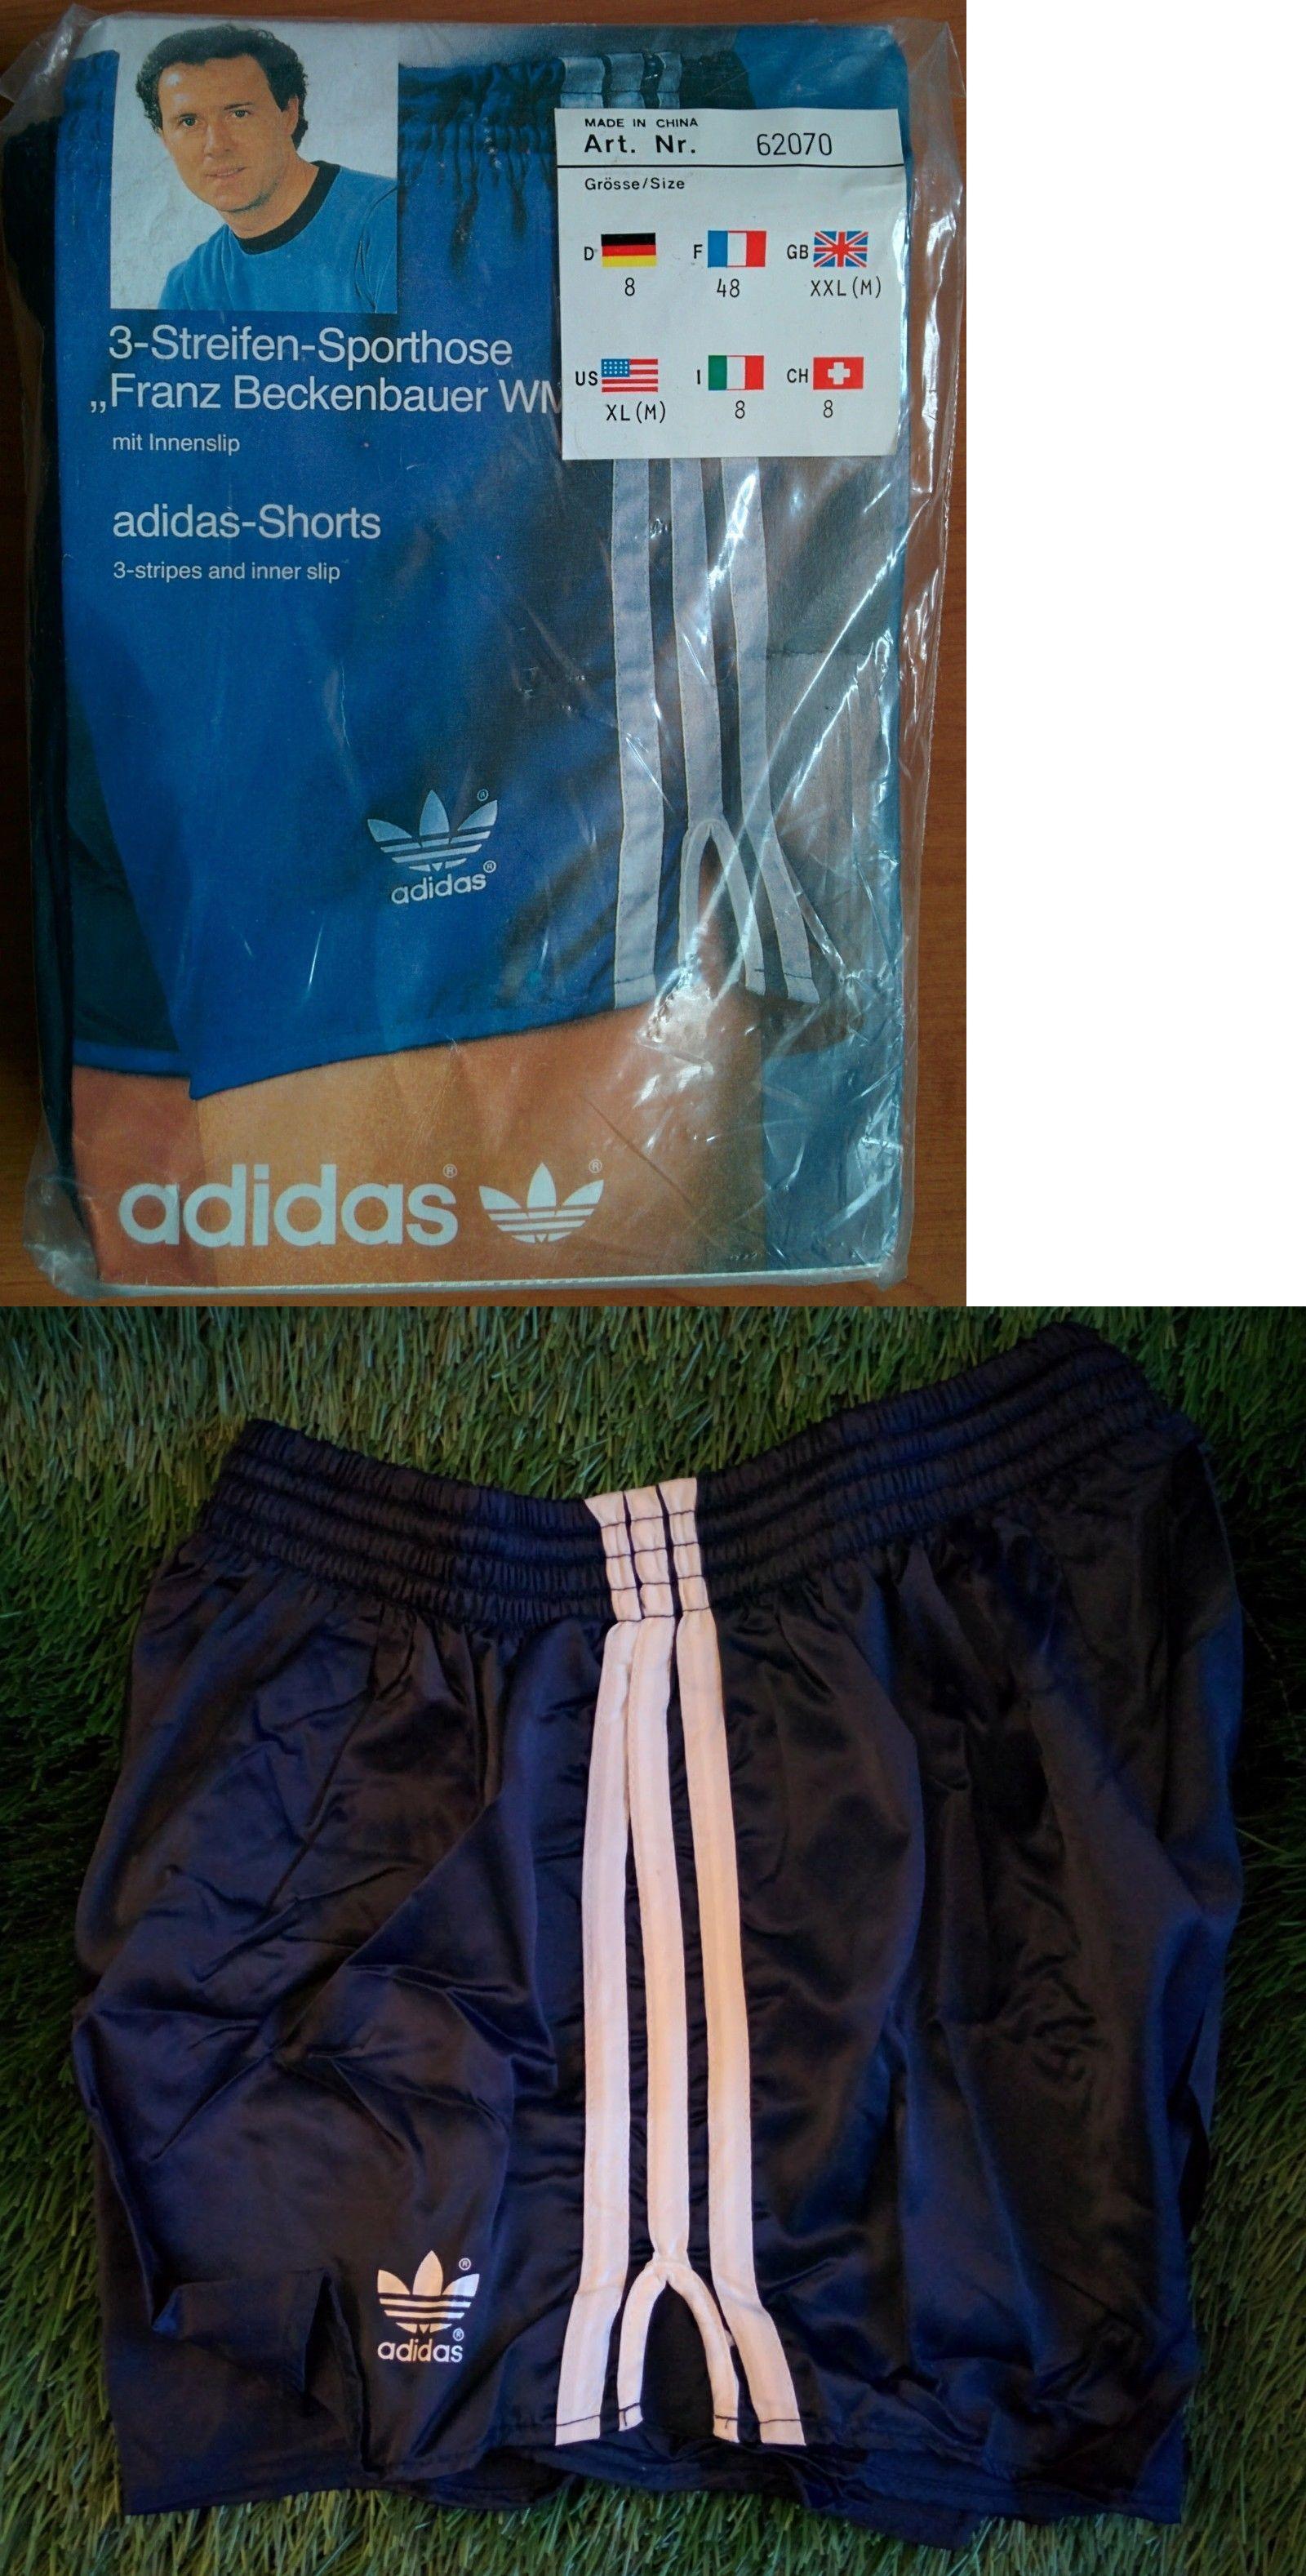 f8043c241 Shorts 175776: New Adidas Vintage Shorts Vinyl Shiny Beckenbauer 1980S Retro  (China) -> BUY IT NOW ONLY: $59.99 on #eBay #shorts #adidas #vintage #vinyl  ...